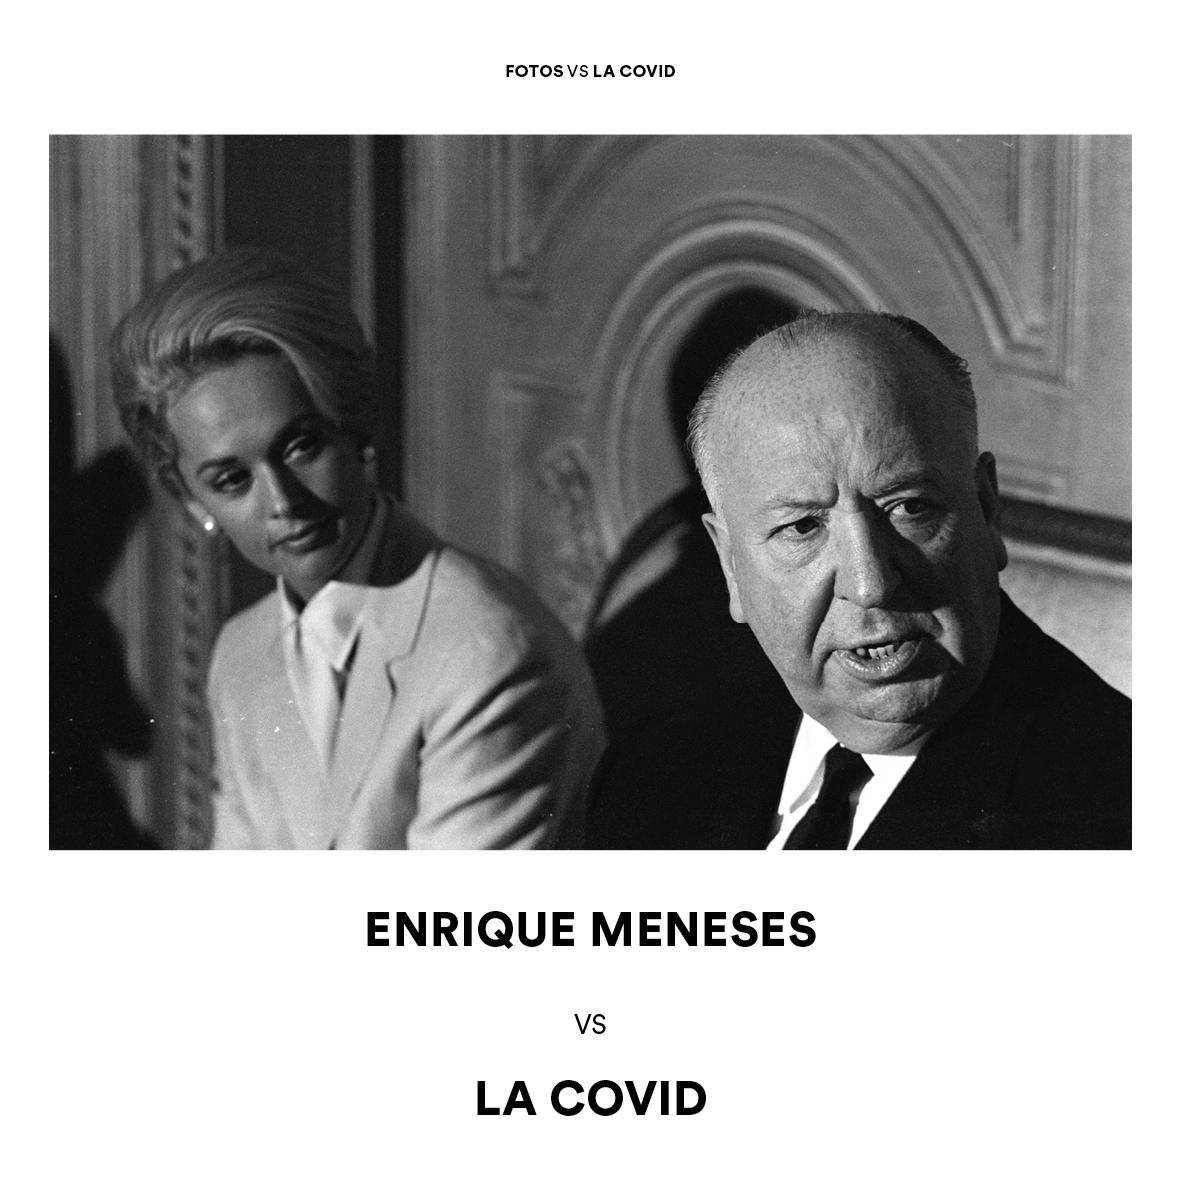 Enrique Meneses POST